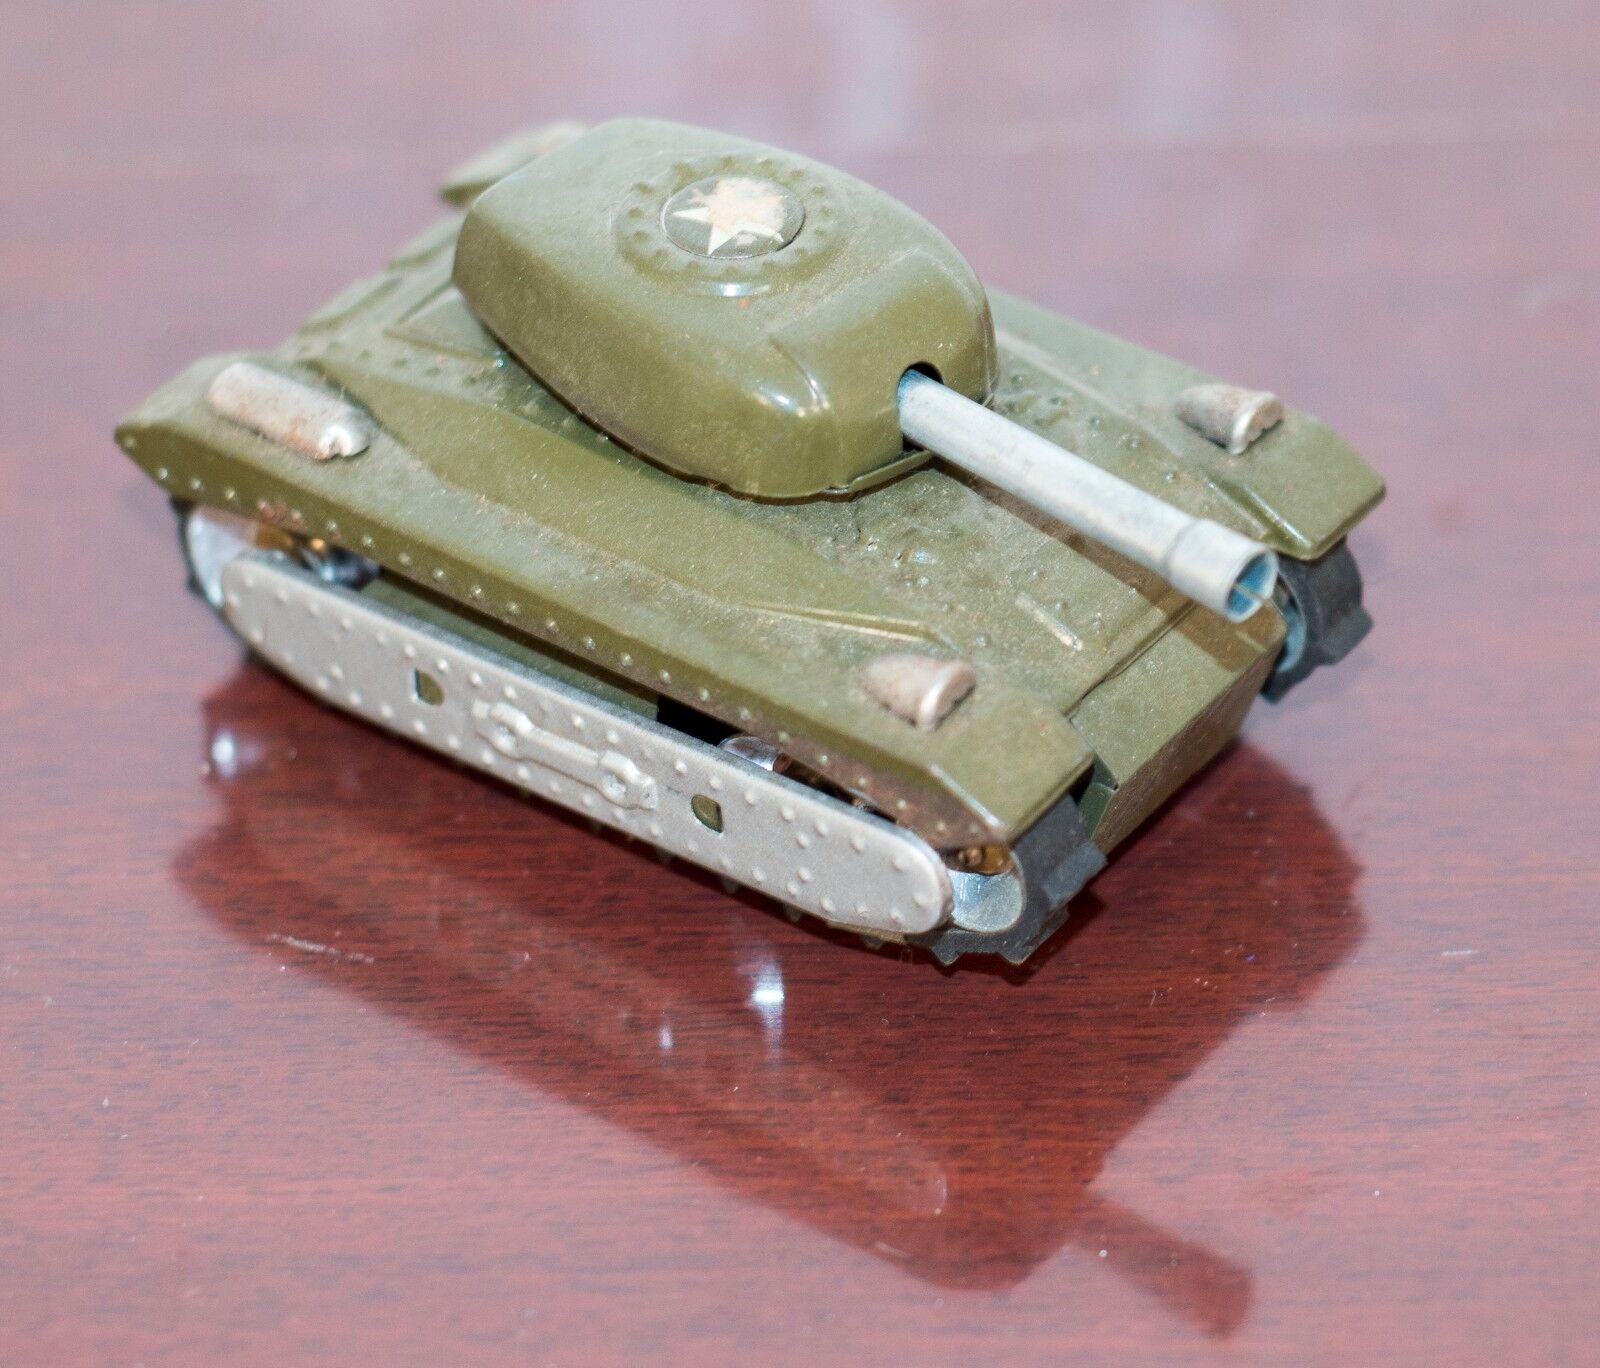 gran selección y entrega rápida Década de 1960 1960 1960 Japón Lata Litografiada Tanque Con Goma peldaños y fricción Motor (funciona)  70% de descuento